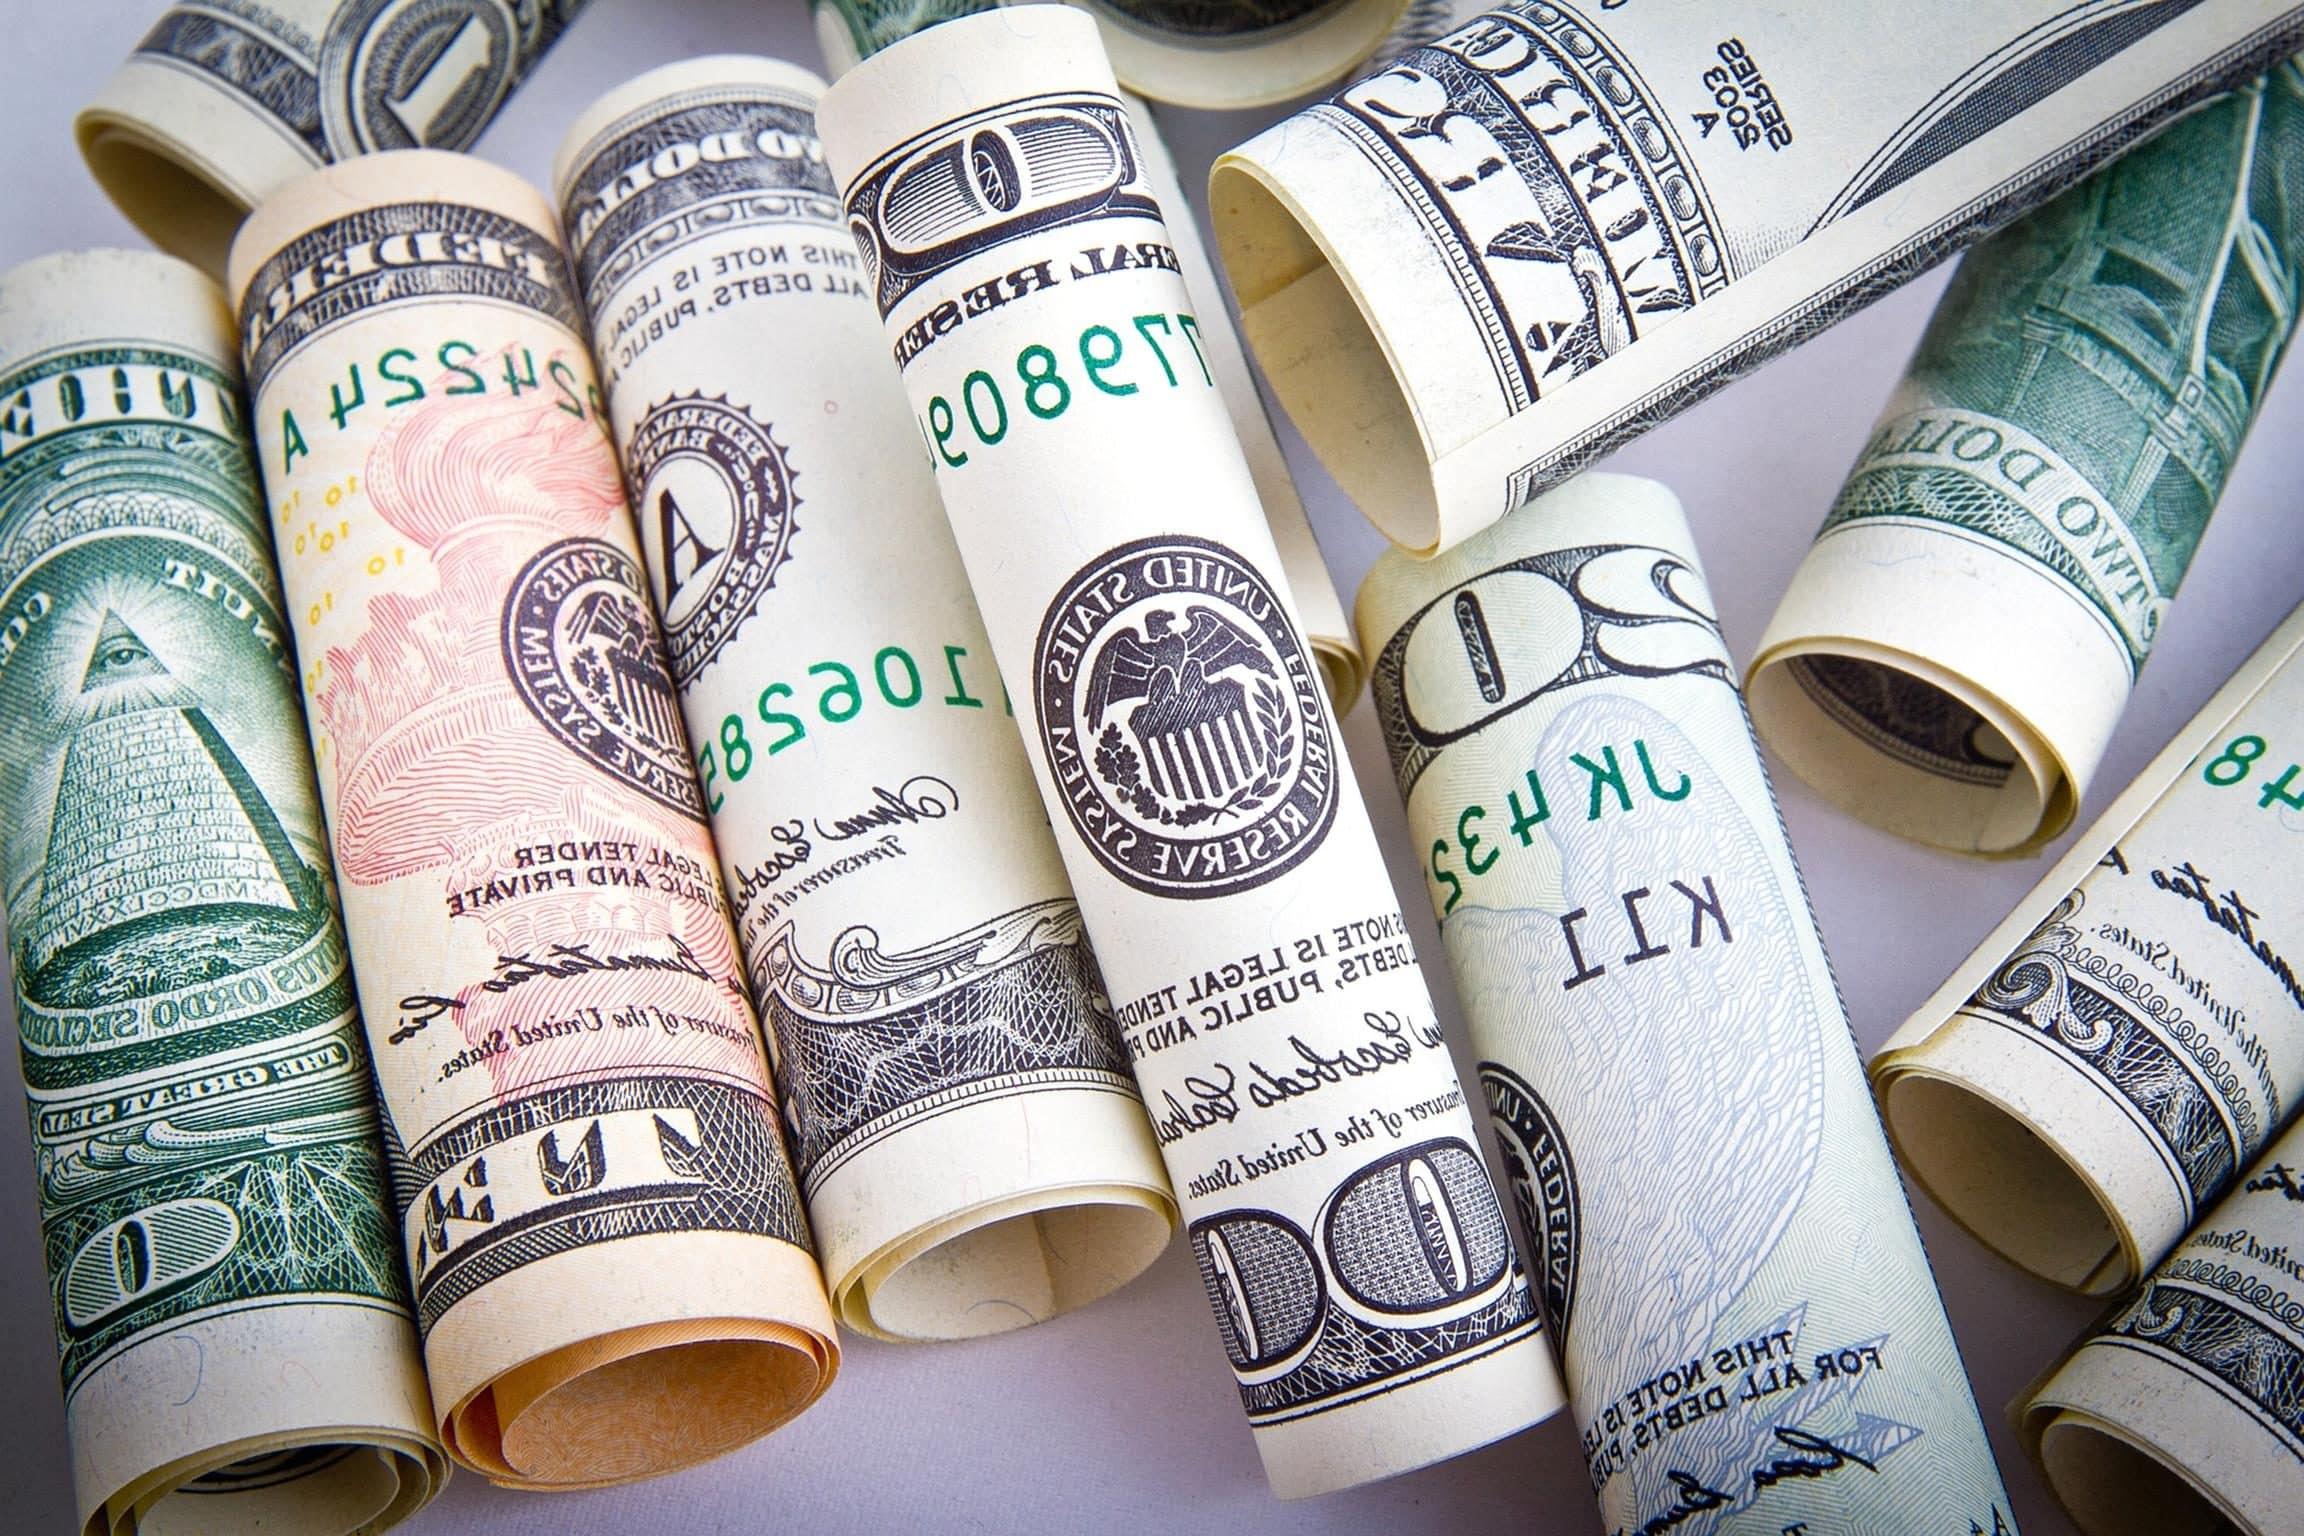 Afaceri Profitabile Cu Investitie Minima: 4 Idei Perfecte Pentru